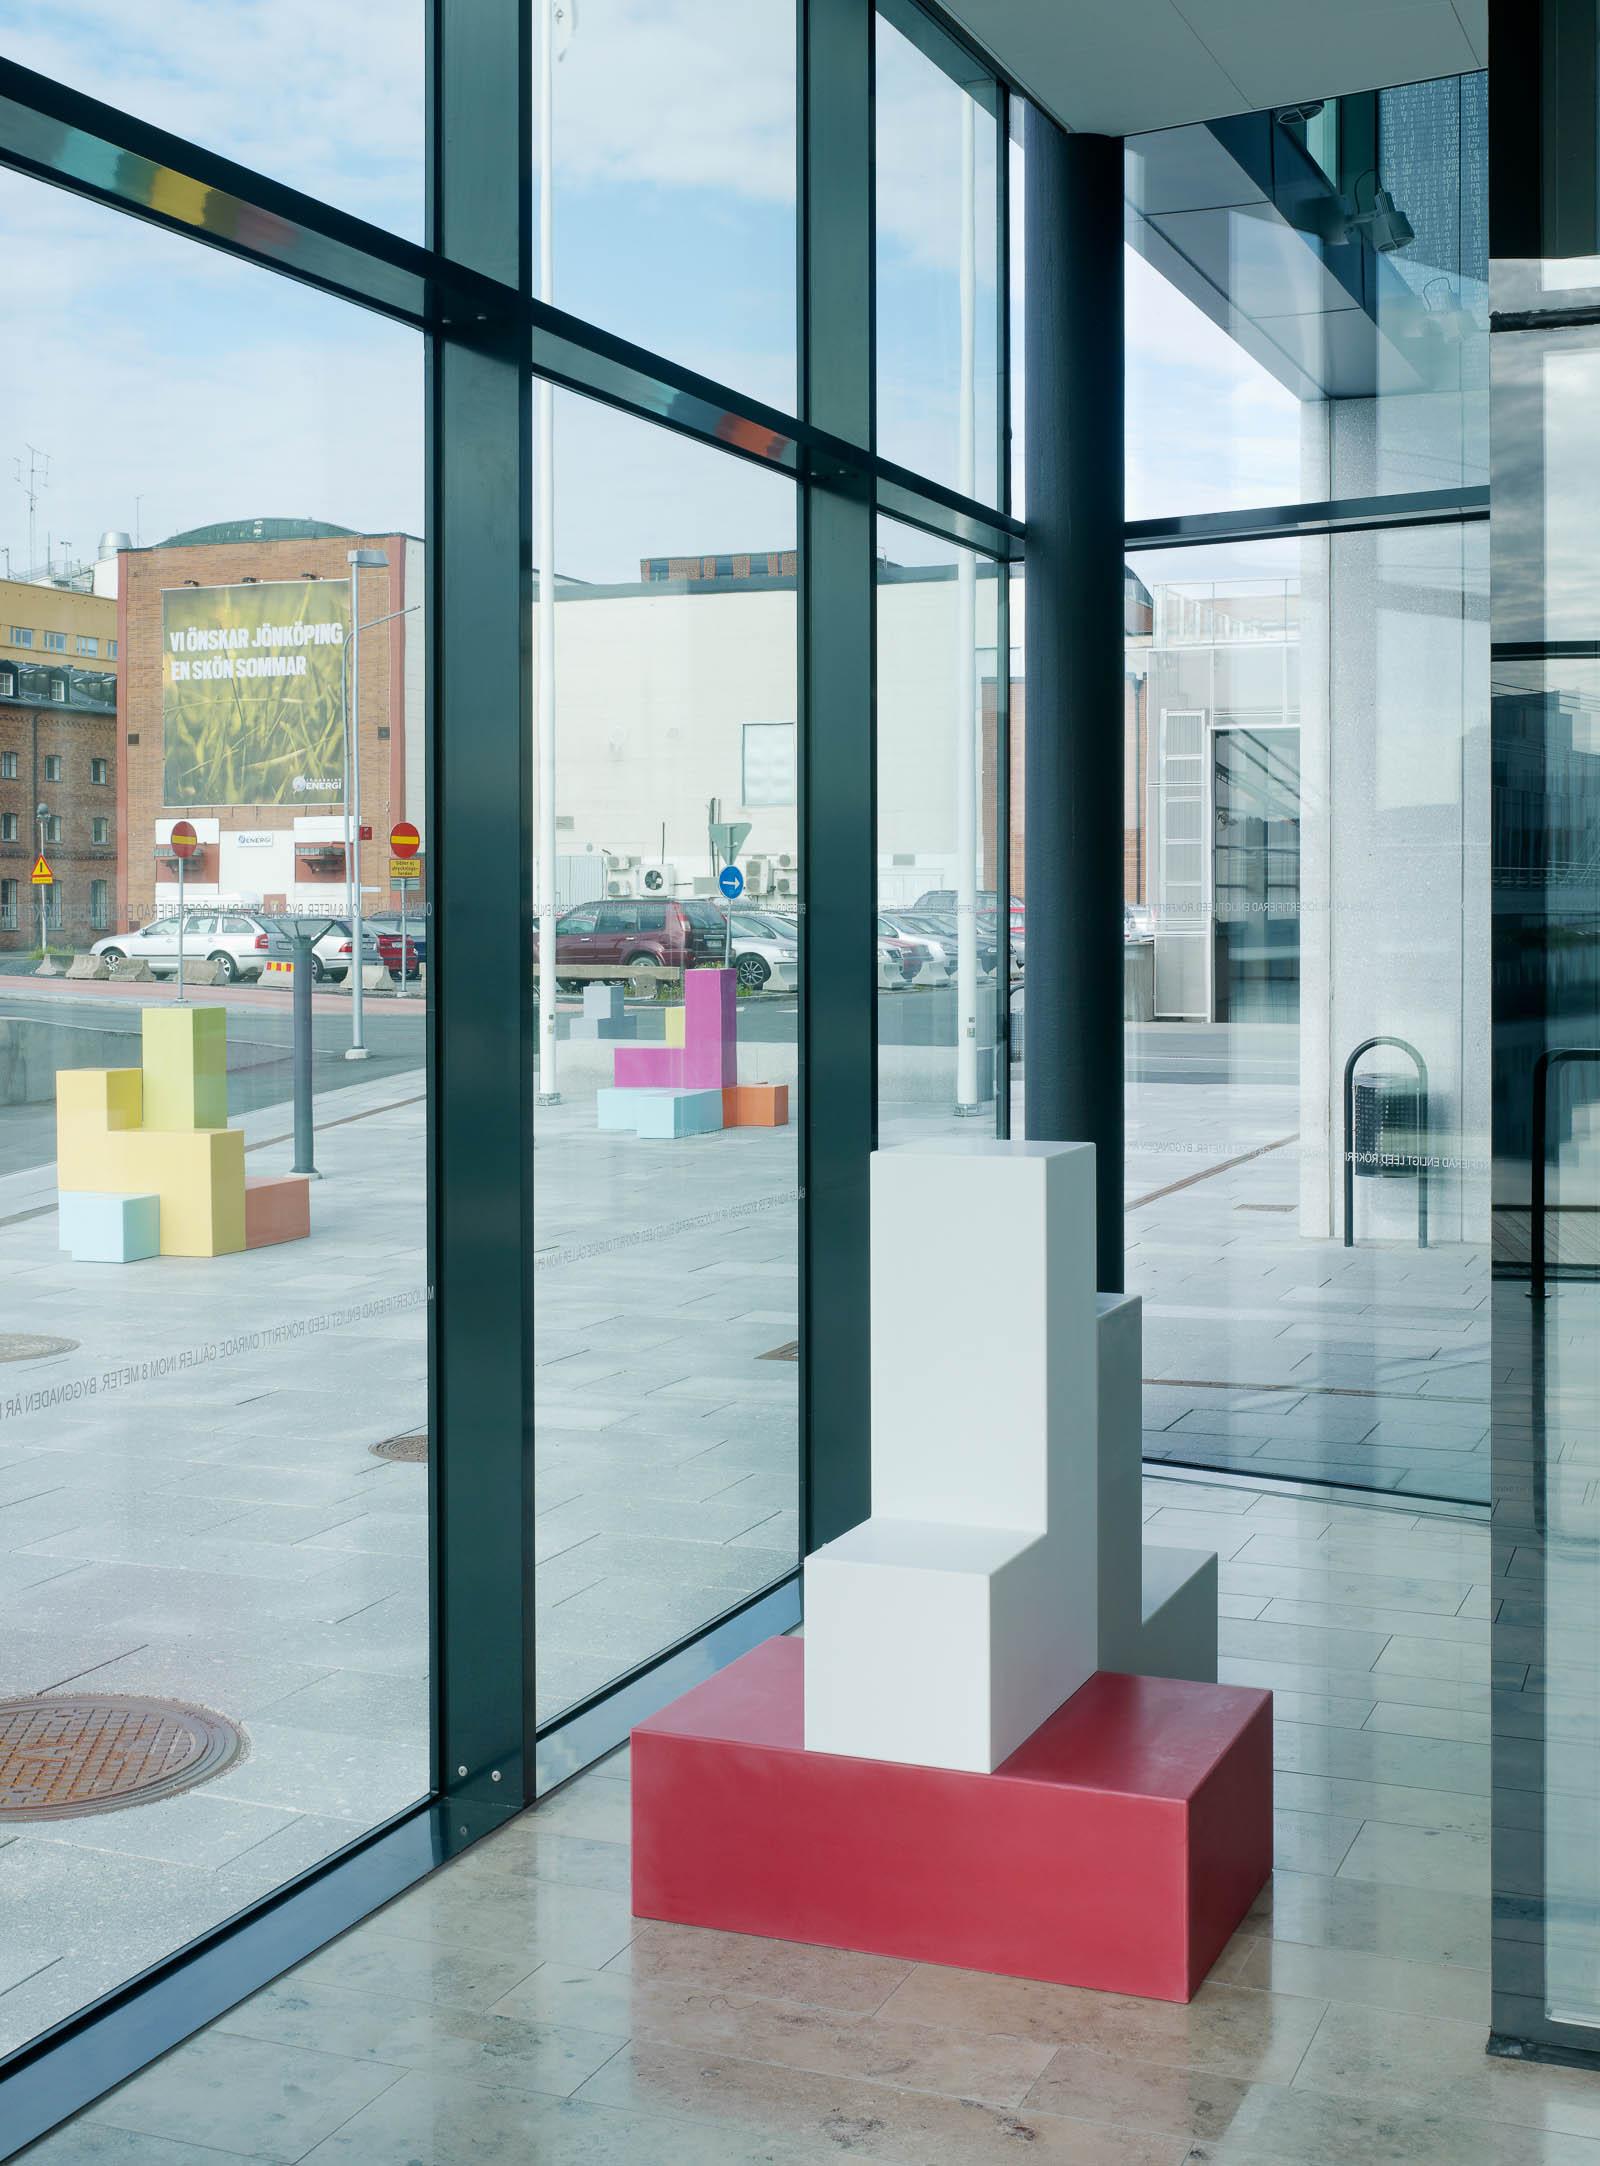 Skulptur med ett rött, ett vitt och ett grått block. I bakgrunden glasfasad mot gatan och flerfärgade skulpturer utanför. Jacob Dahlgren, Tetris, 2012.